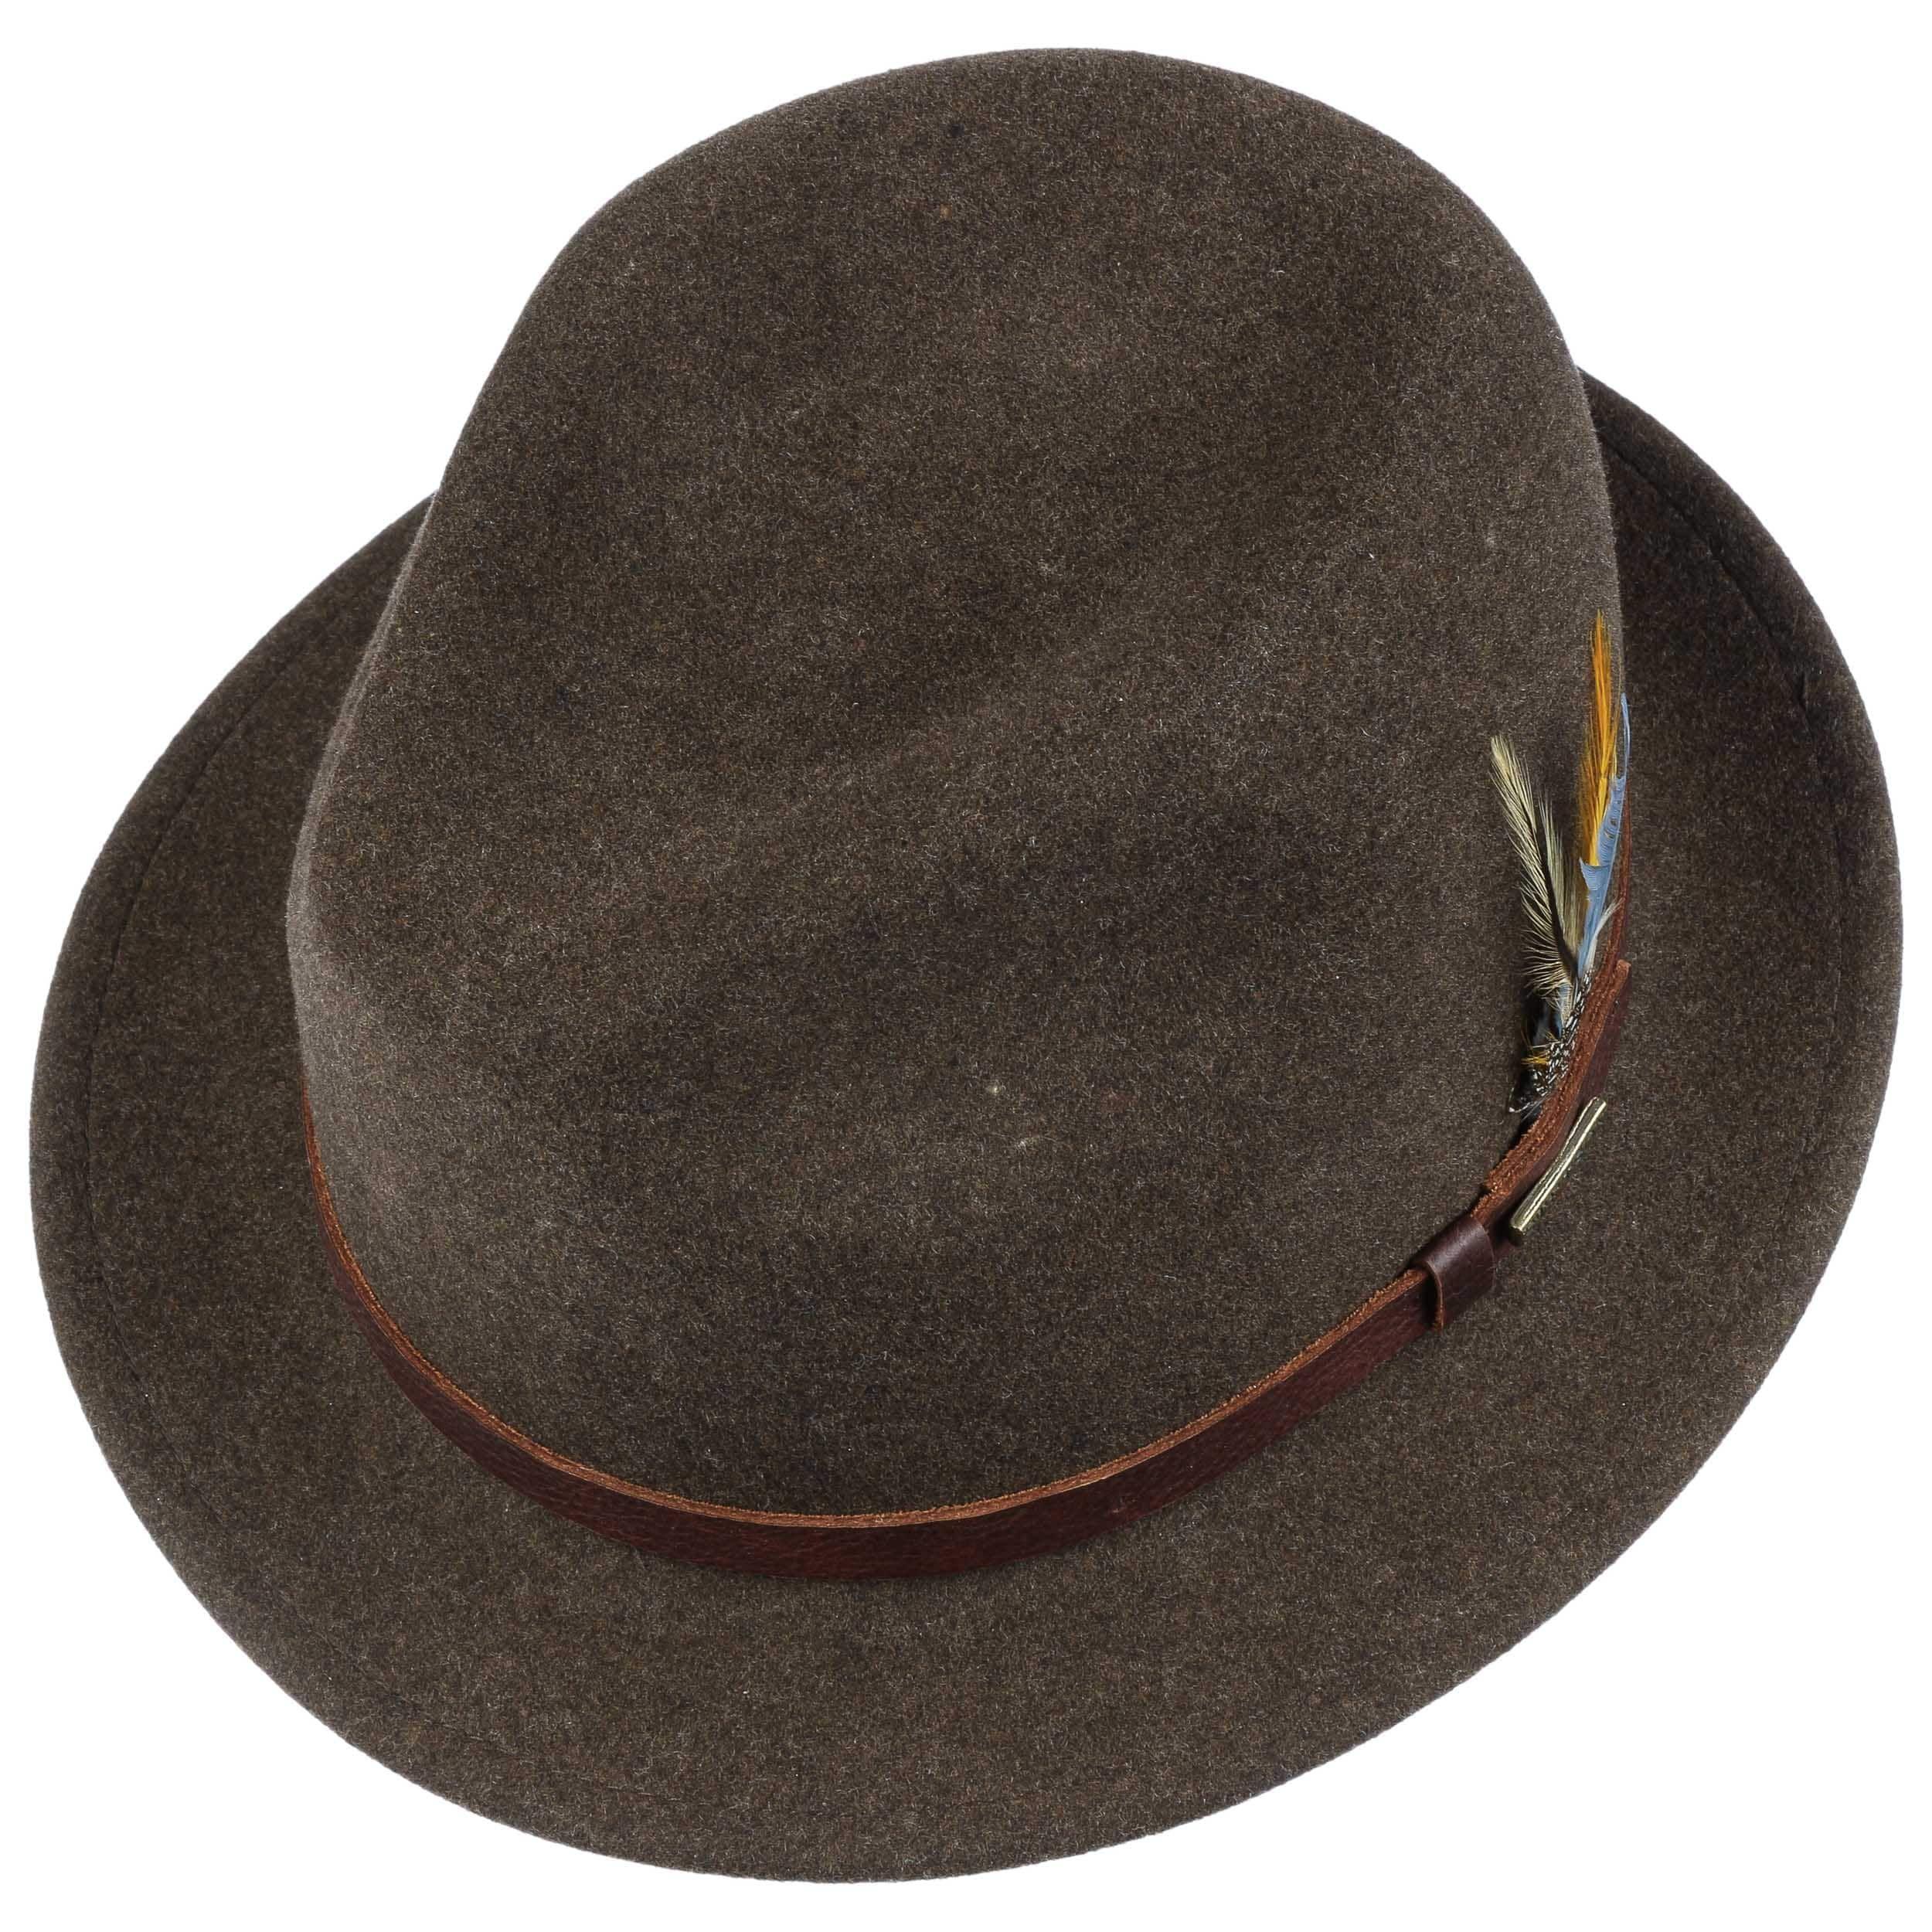 Vineland VitaFelt Hat brown